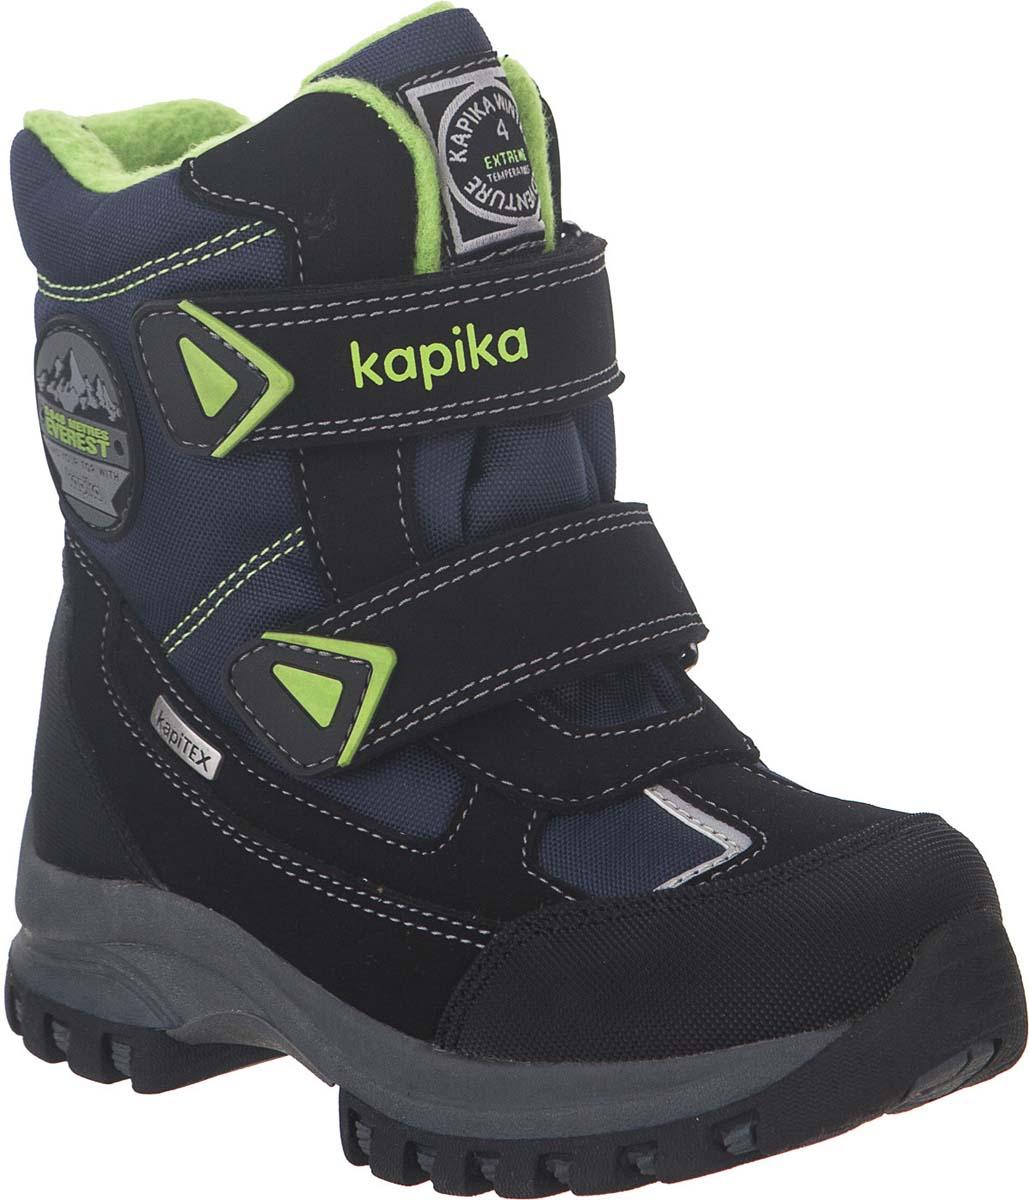 Ботинки для мальчика Kapika KapiTEX, цвет: черный, салатовый. 42206-2. Размер 30